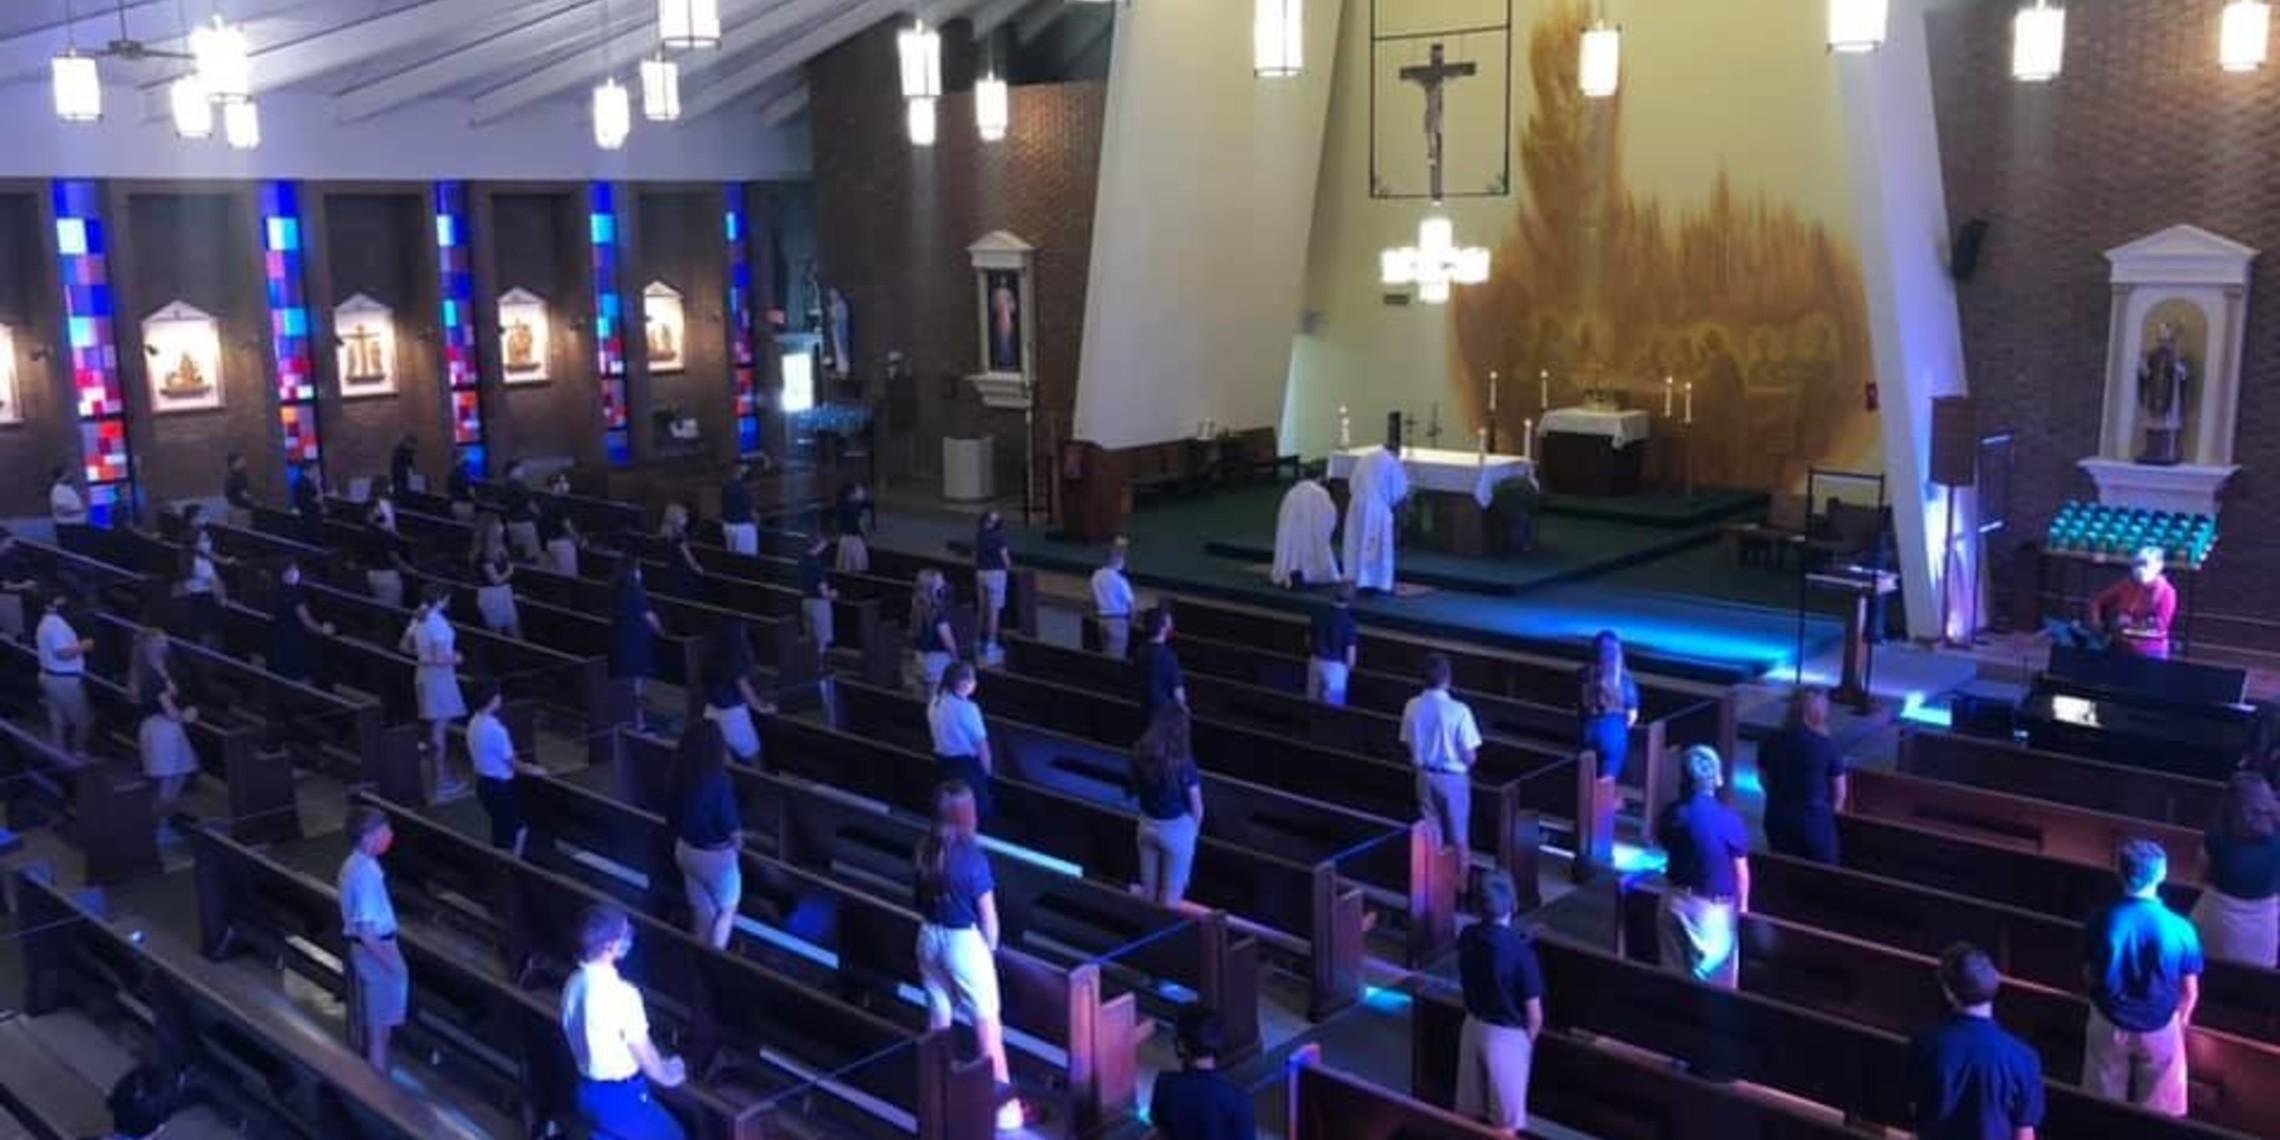 6 8 Mass